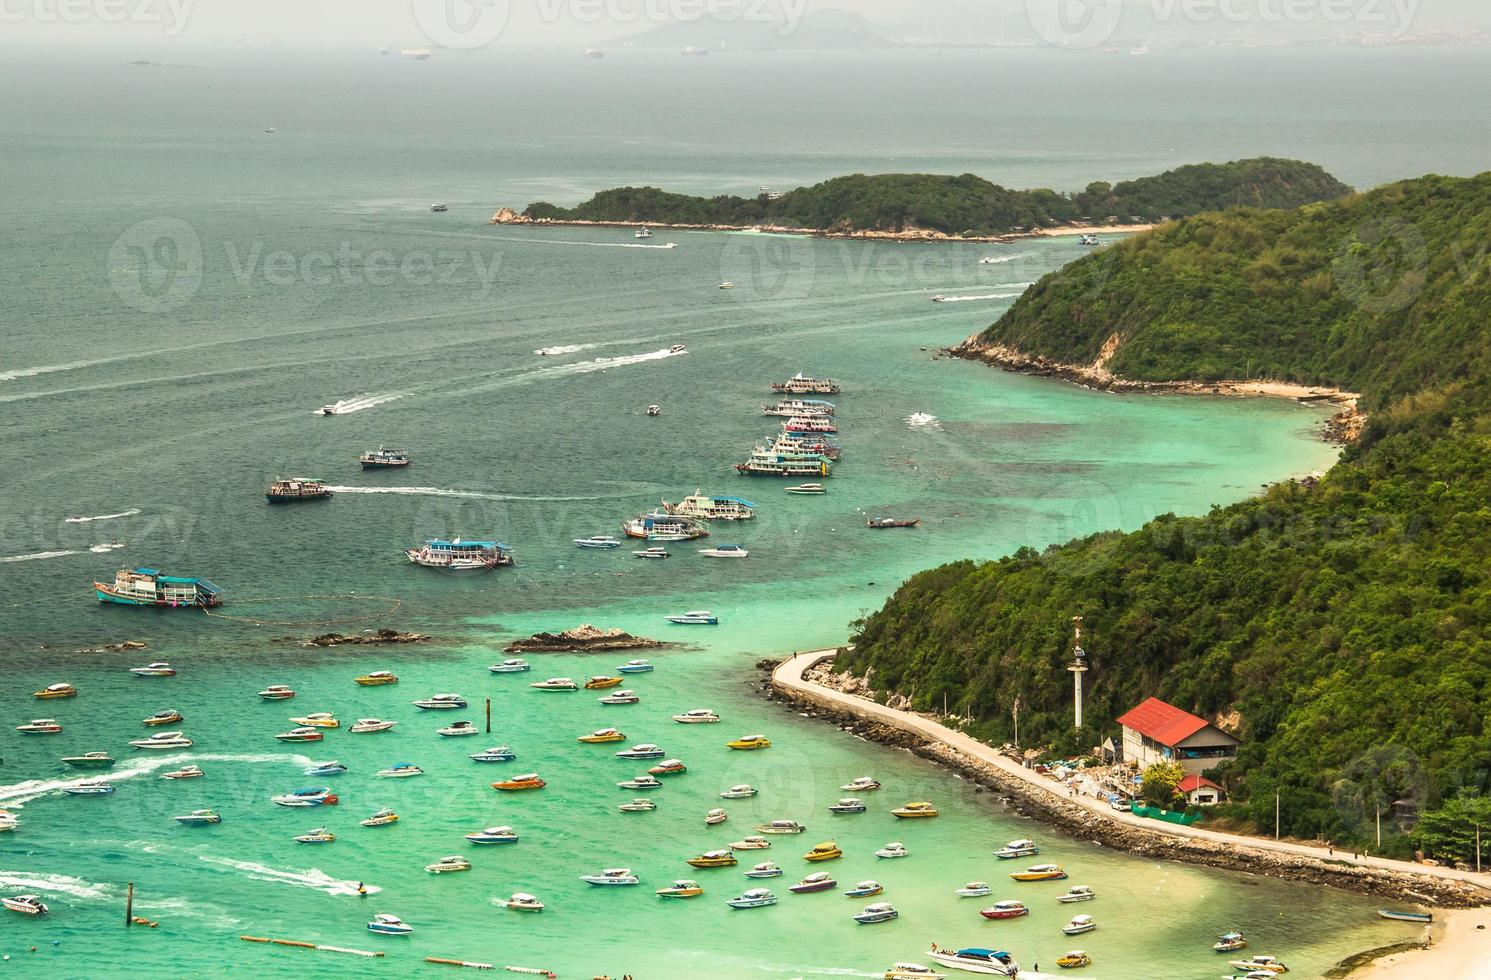 bateaux rapides sur l'eau de mer à kho lan. Thaïlande photo